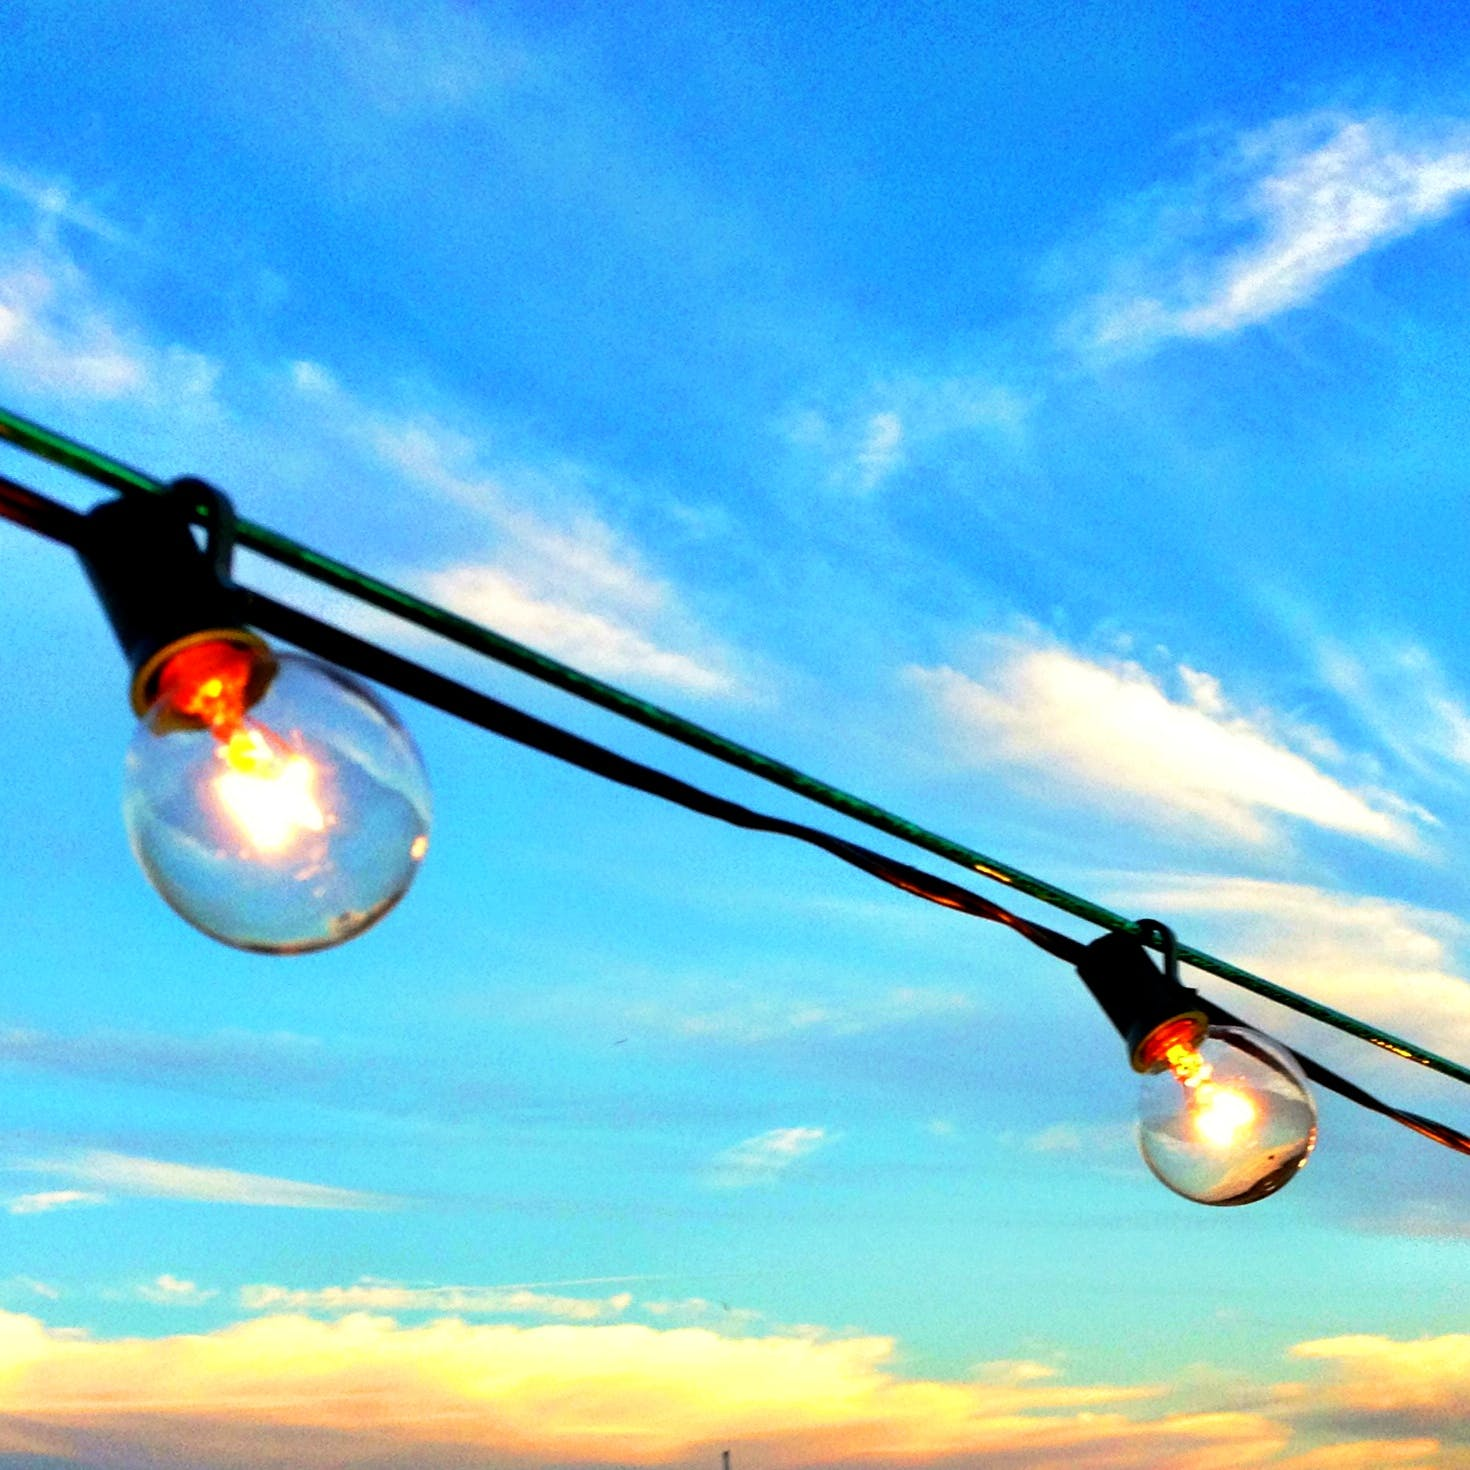 가벼운, 거리, 구름, 램프의 무료 스톡 사진